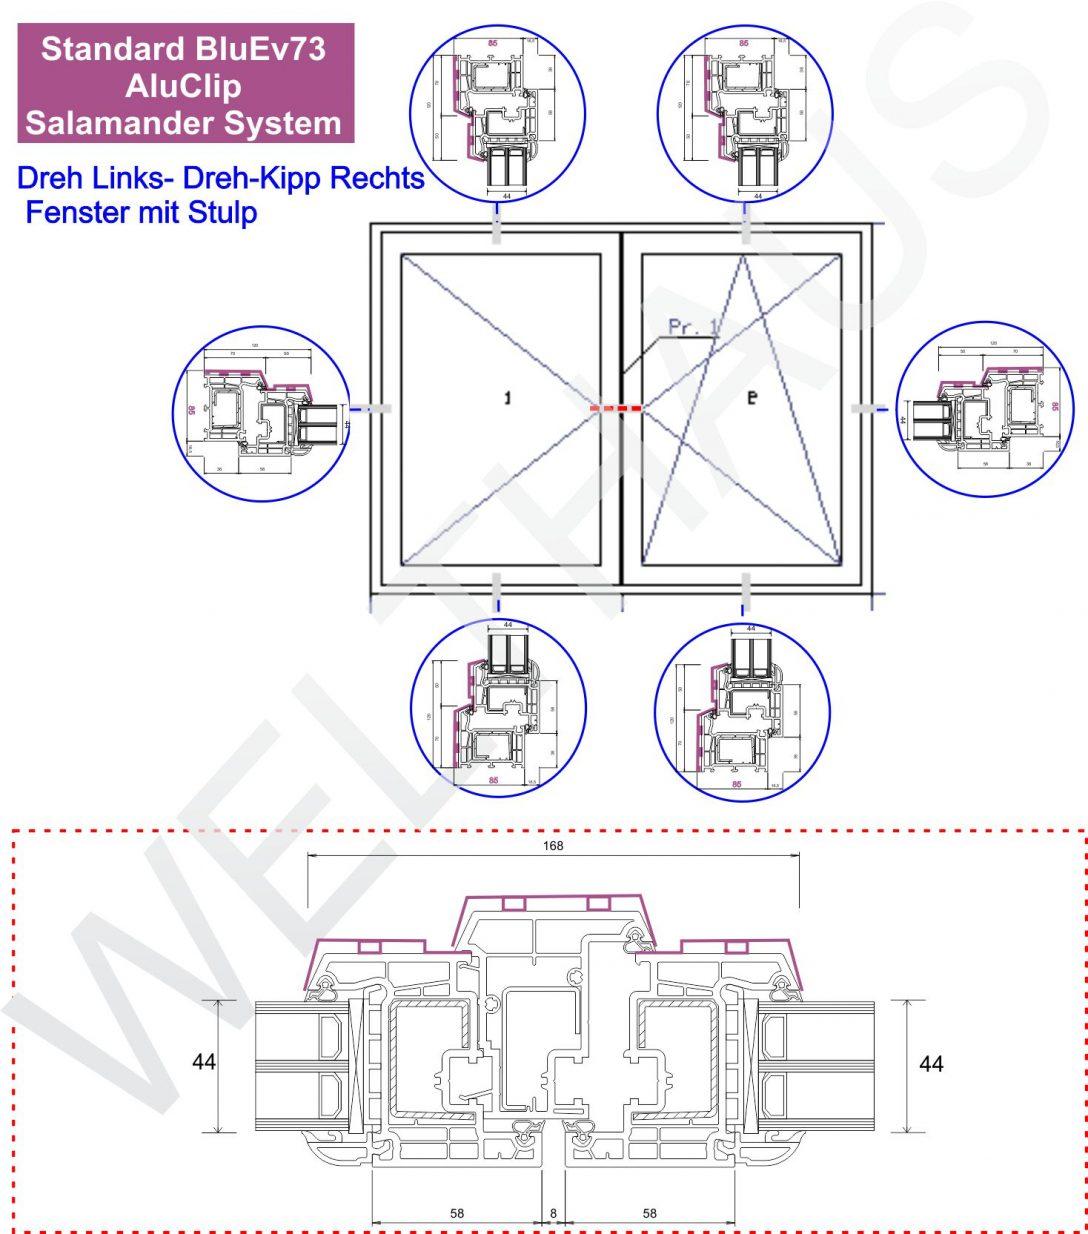 Large Size of Rc 2 Fenster Ausstattung Anforderungen Fenstergitter Test Rc2 Fenstergriff Definition Preis Beschlag Kosten Montage Welthaus 120x120 Beleuchtung Bett 160x220 Fenster Rc 2 Fenster